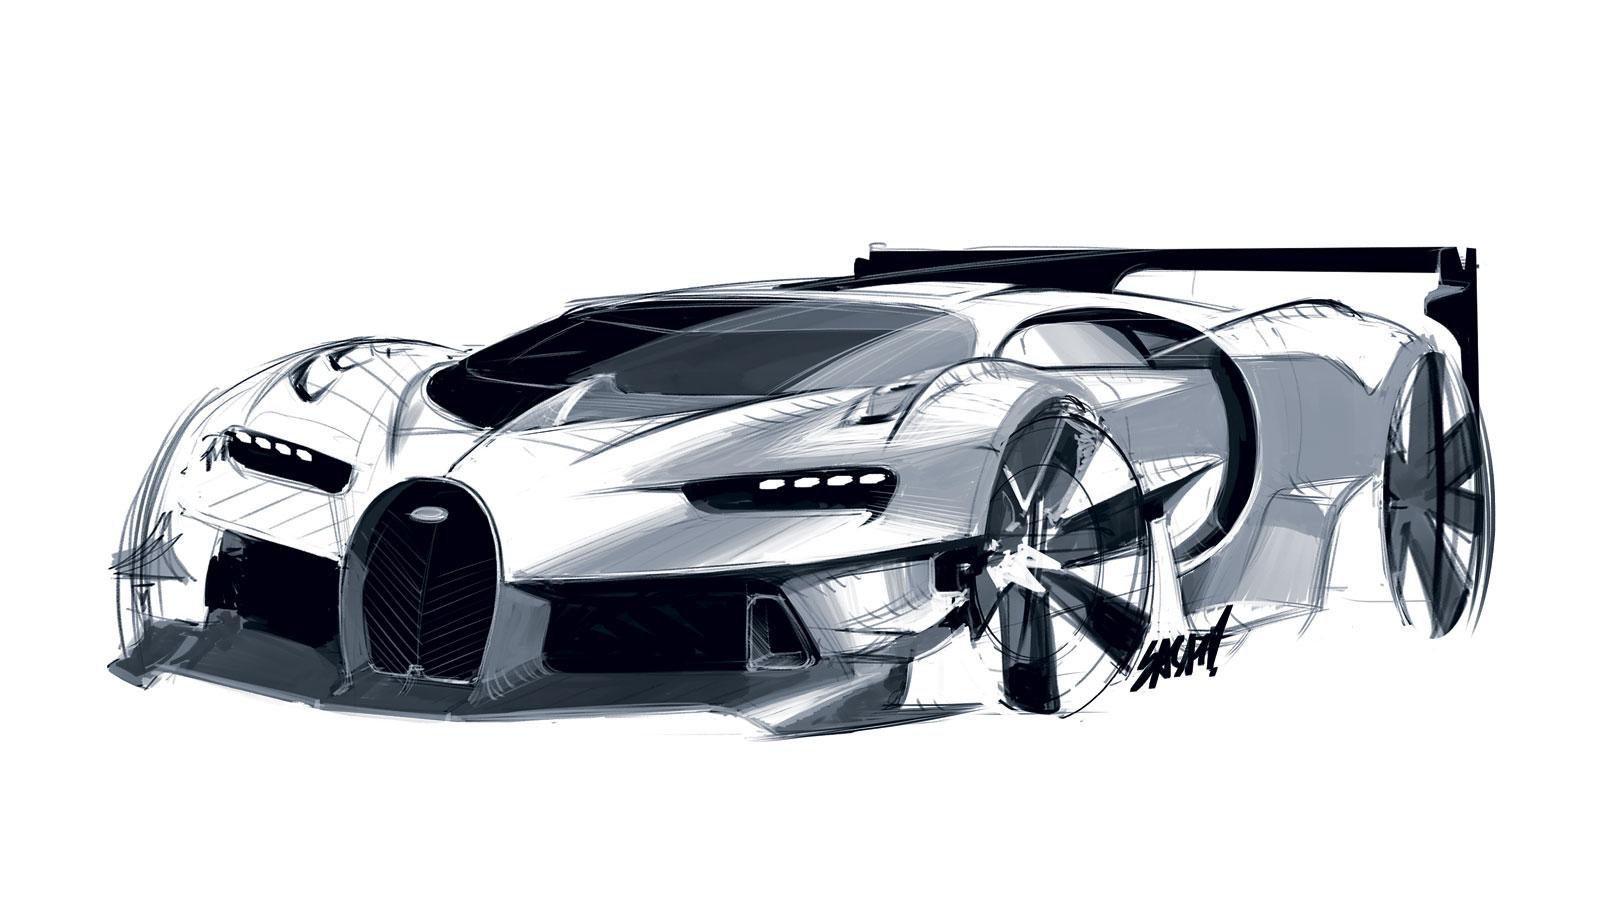 Bugatti Vision Gran Turismo Concept Design Sketch Car Body Design